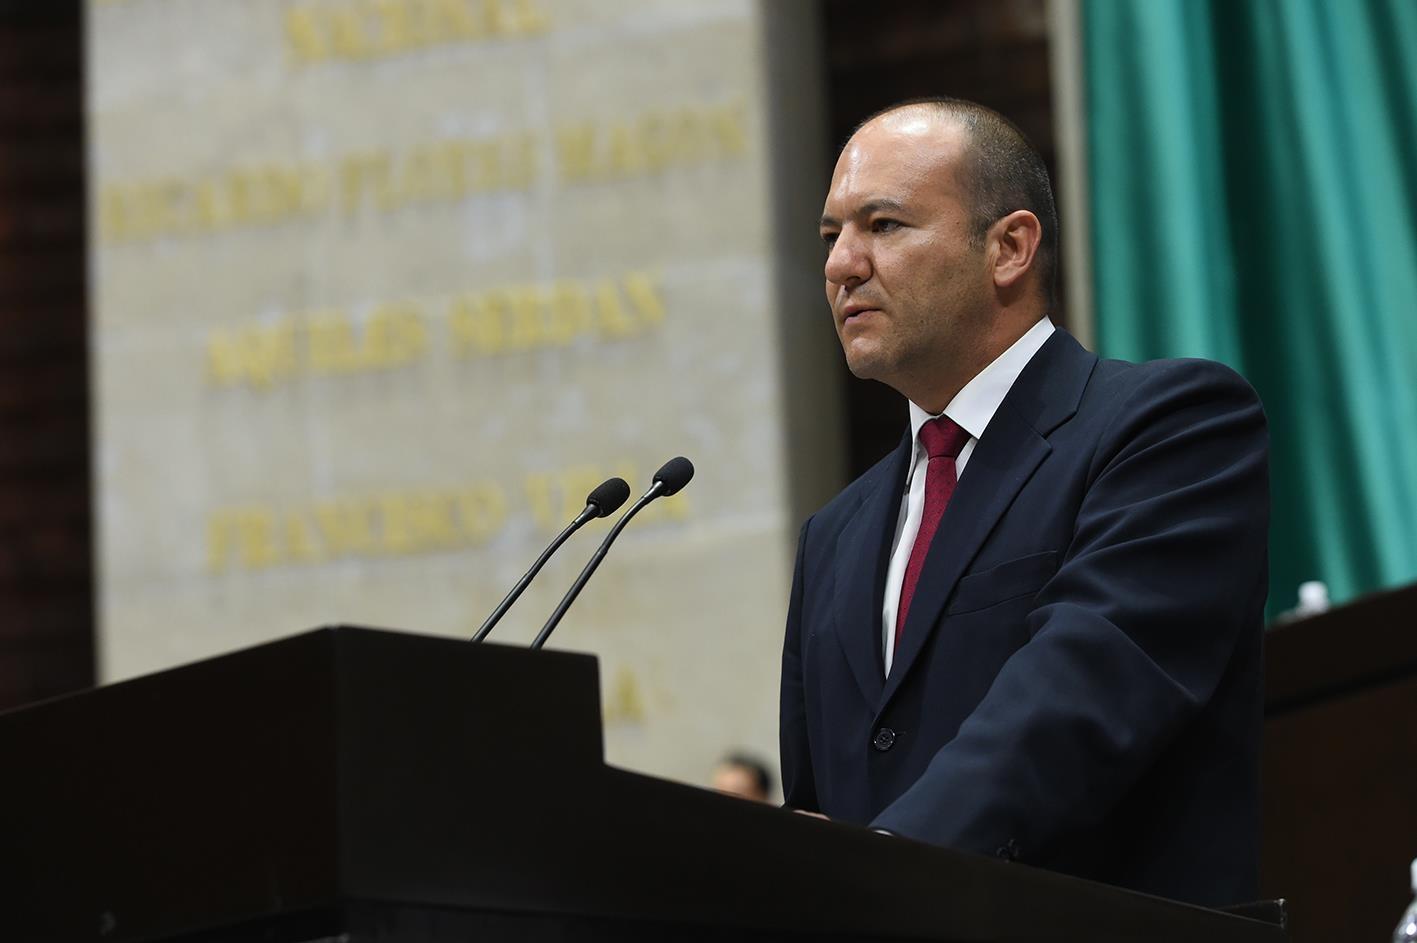 Crean Diputados del PAN Agenda legislativa para reactivar economía del país